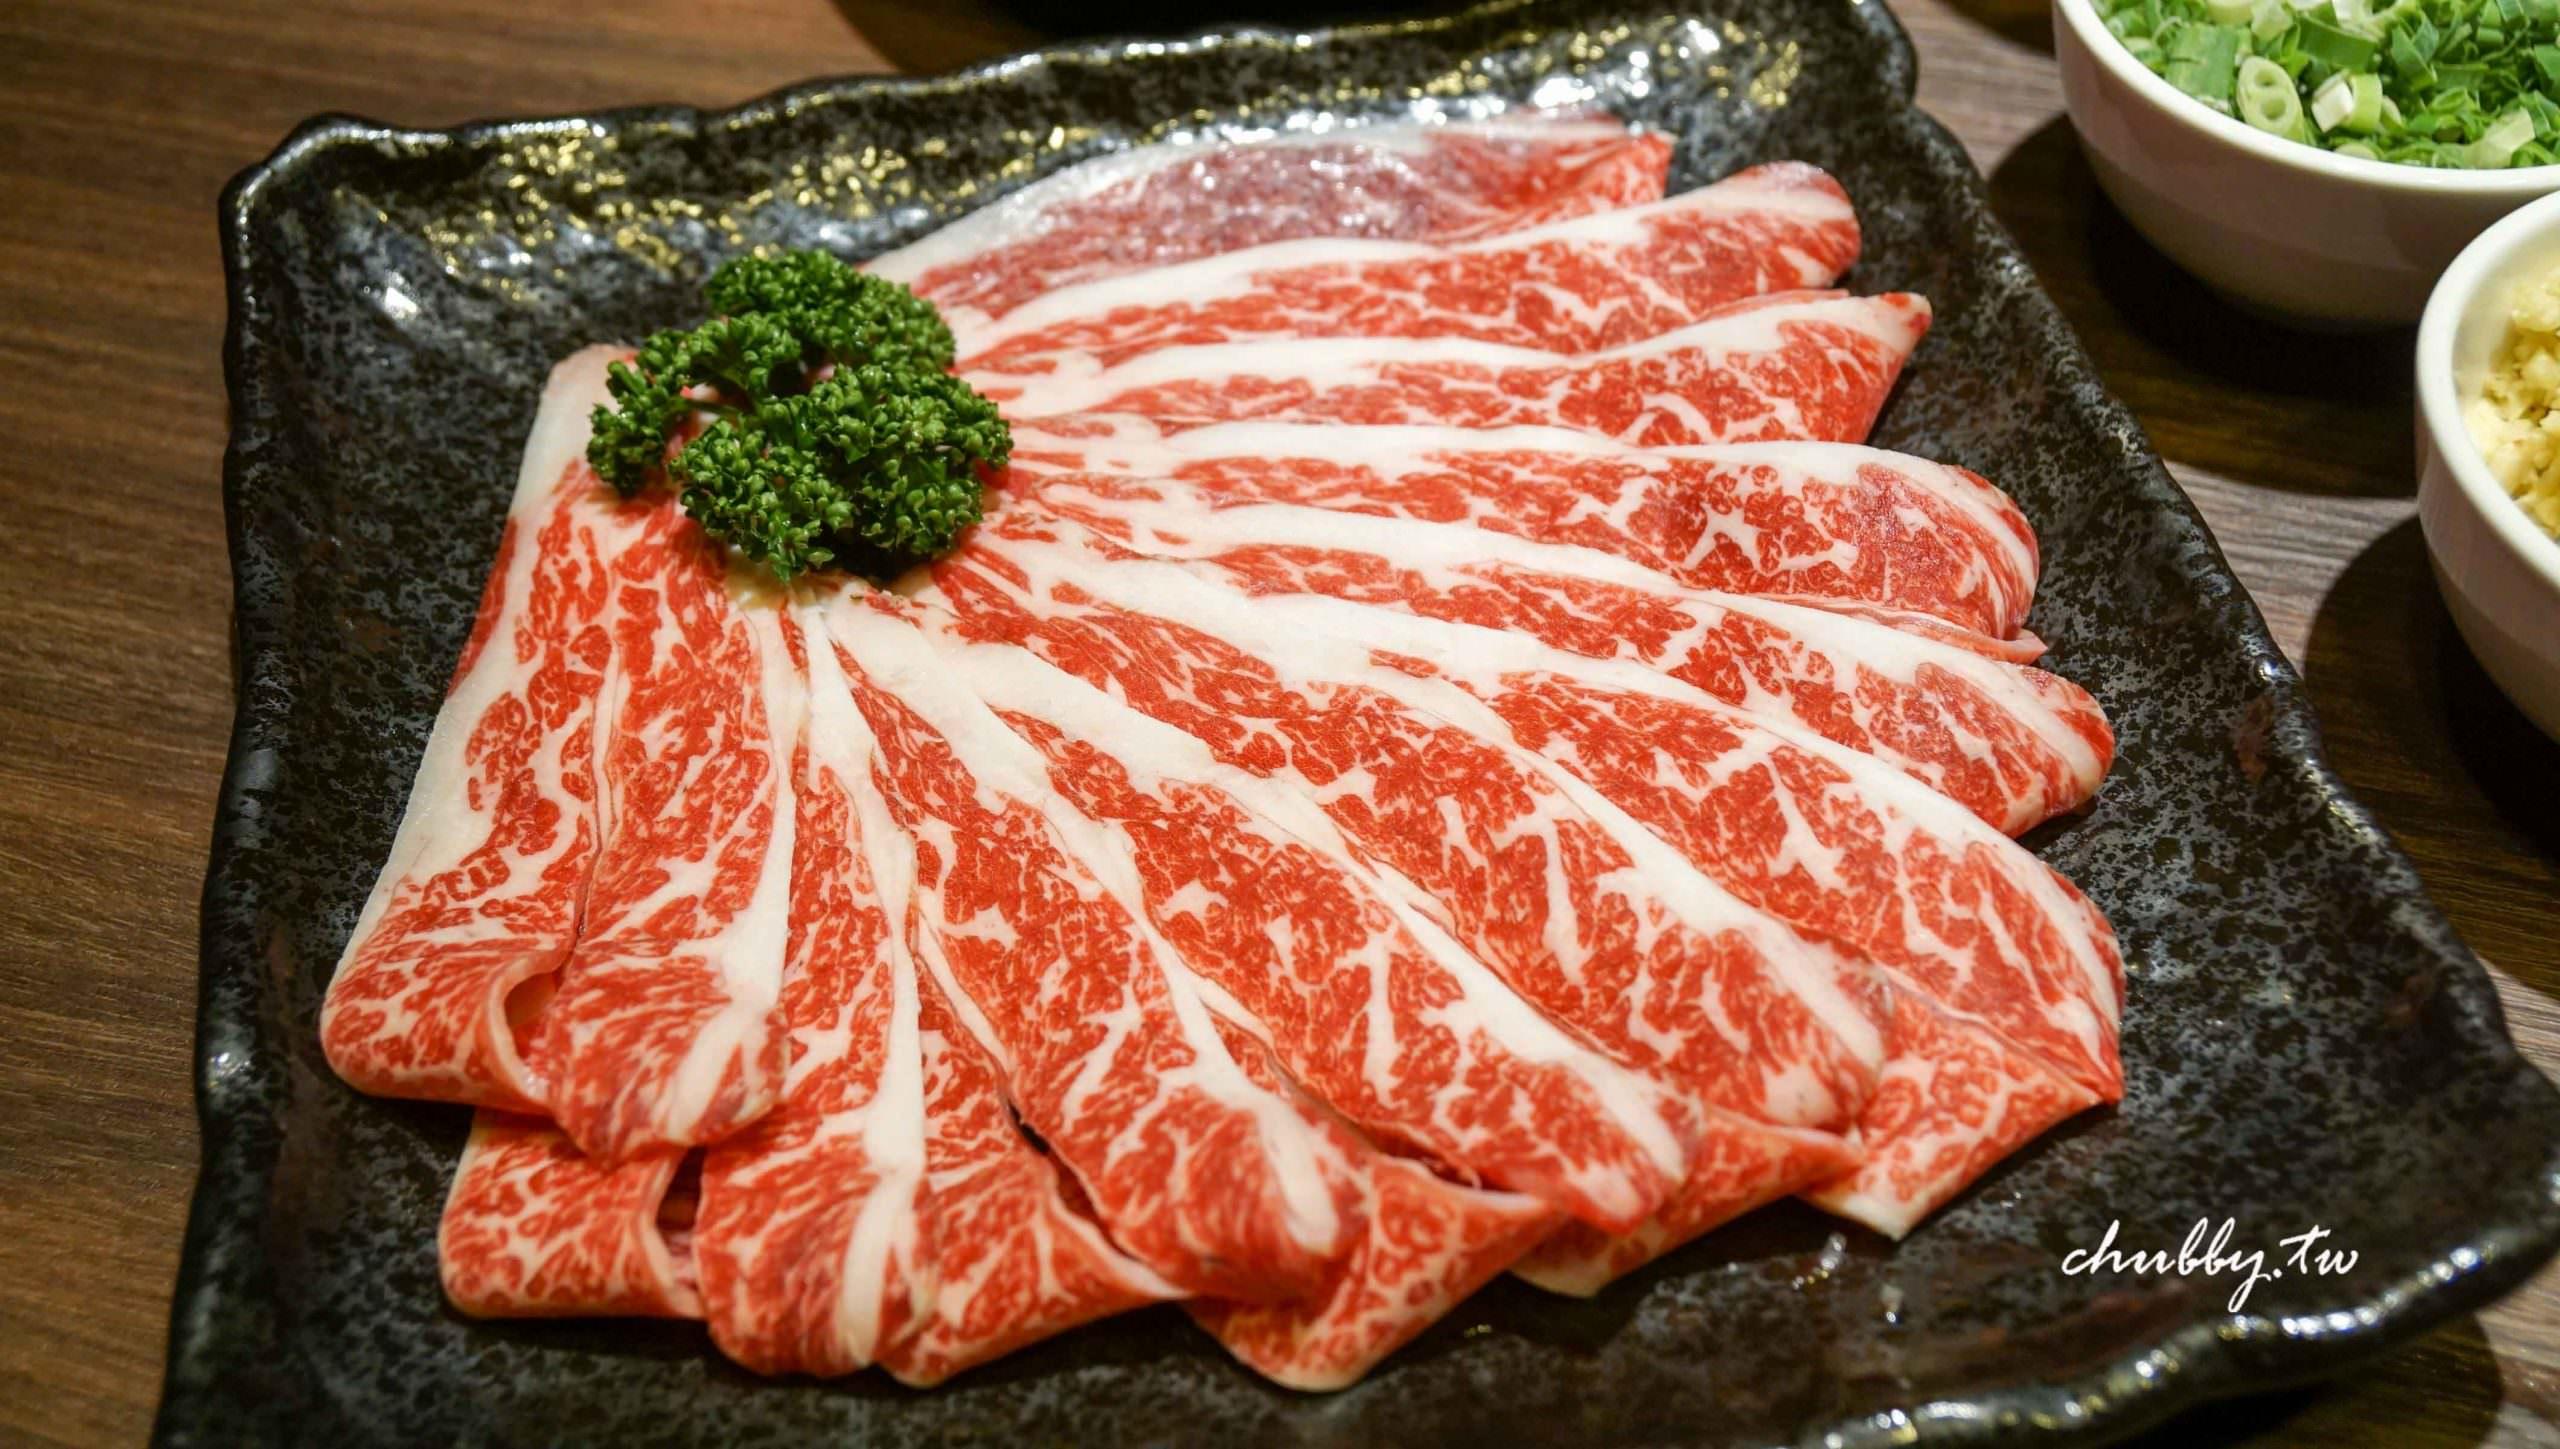 蘆洲高質感火鍋推薦│ 銅花精緻涮涮鍋,大份量套餐組合,頂級海鮮肉品超銷魂~